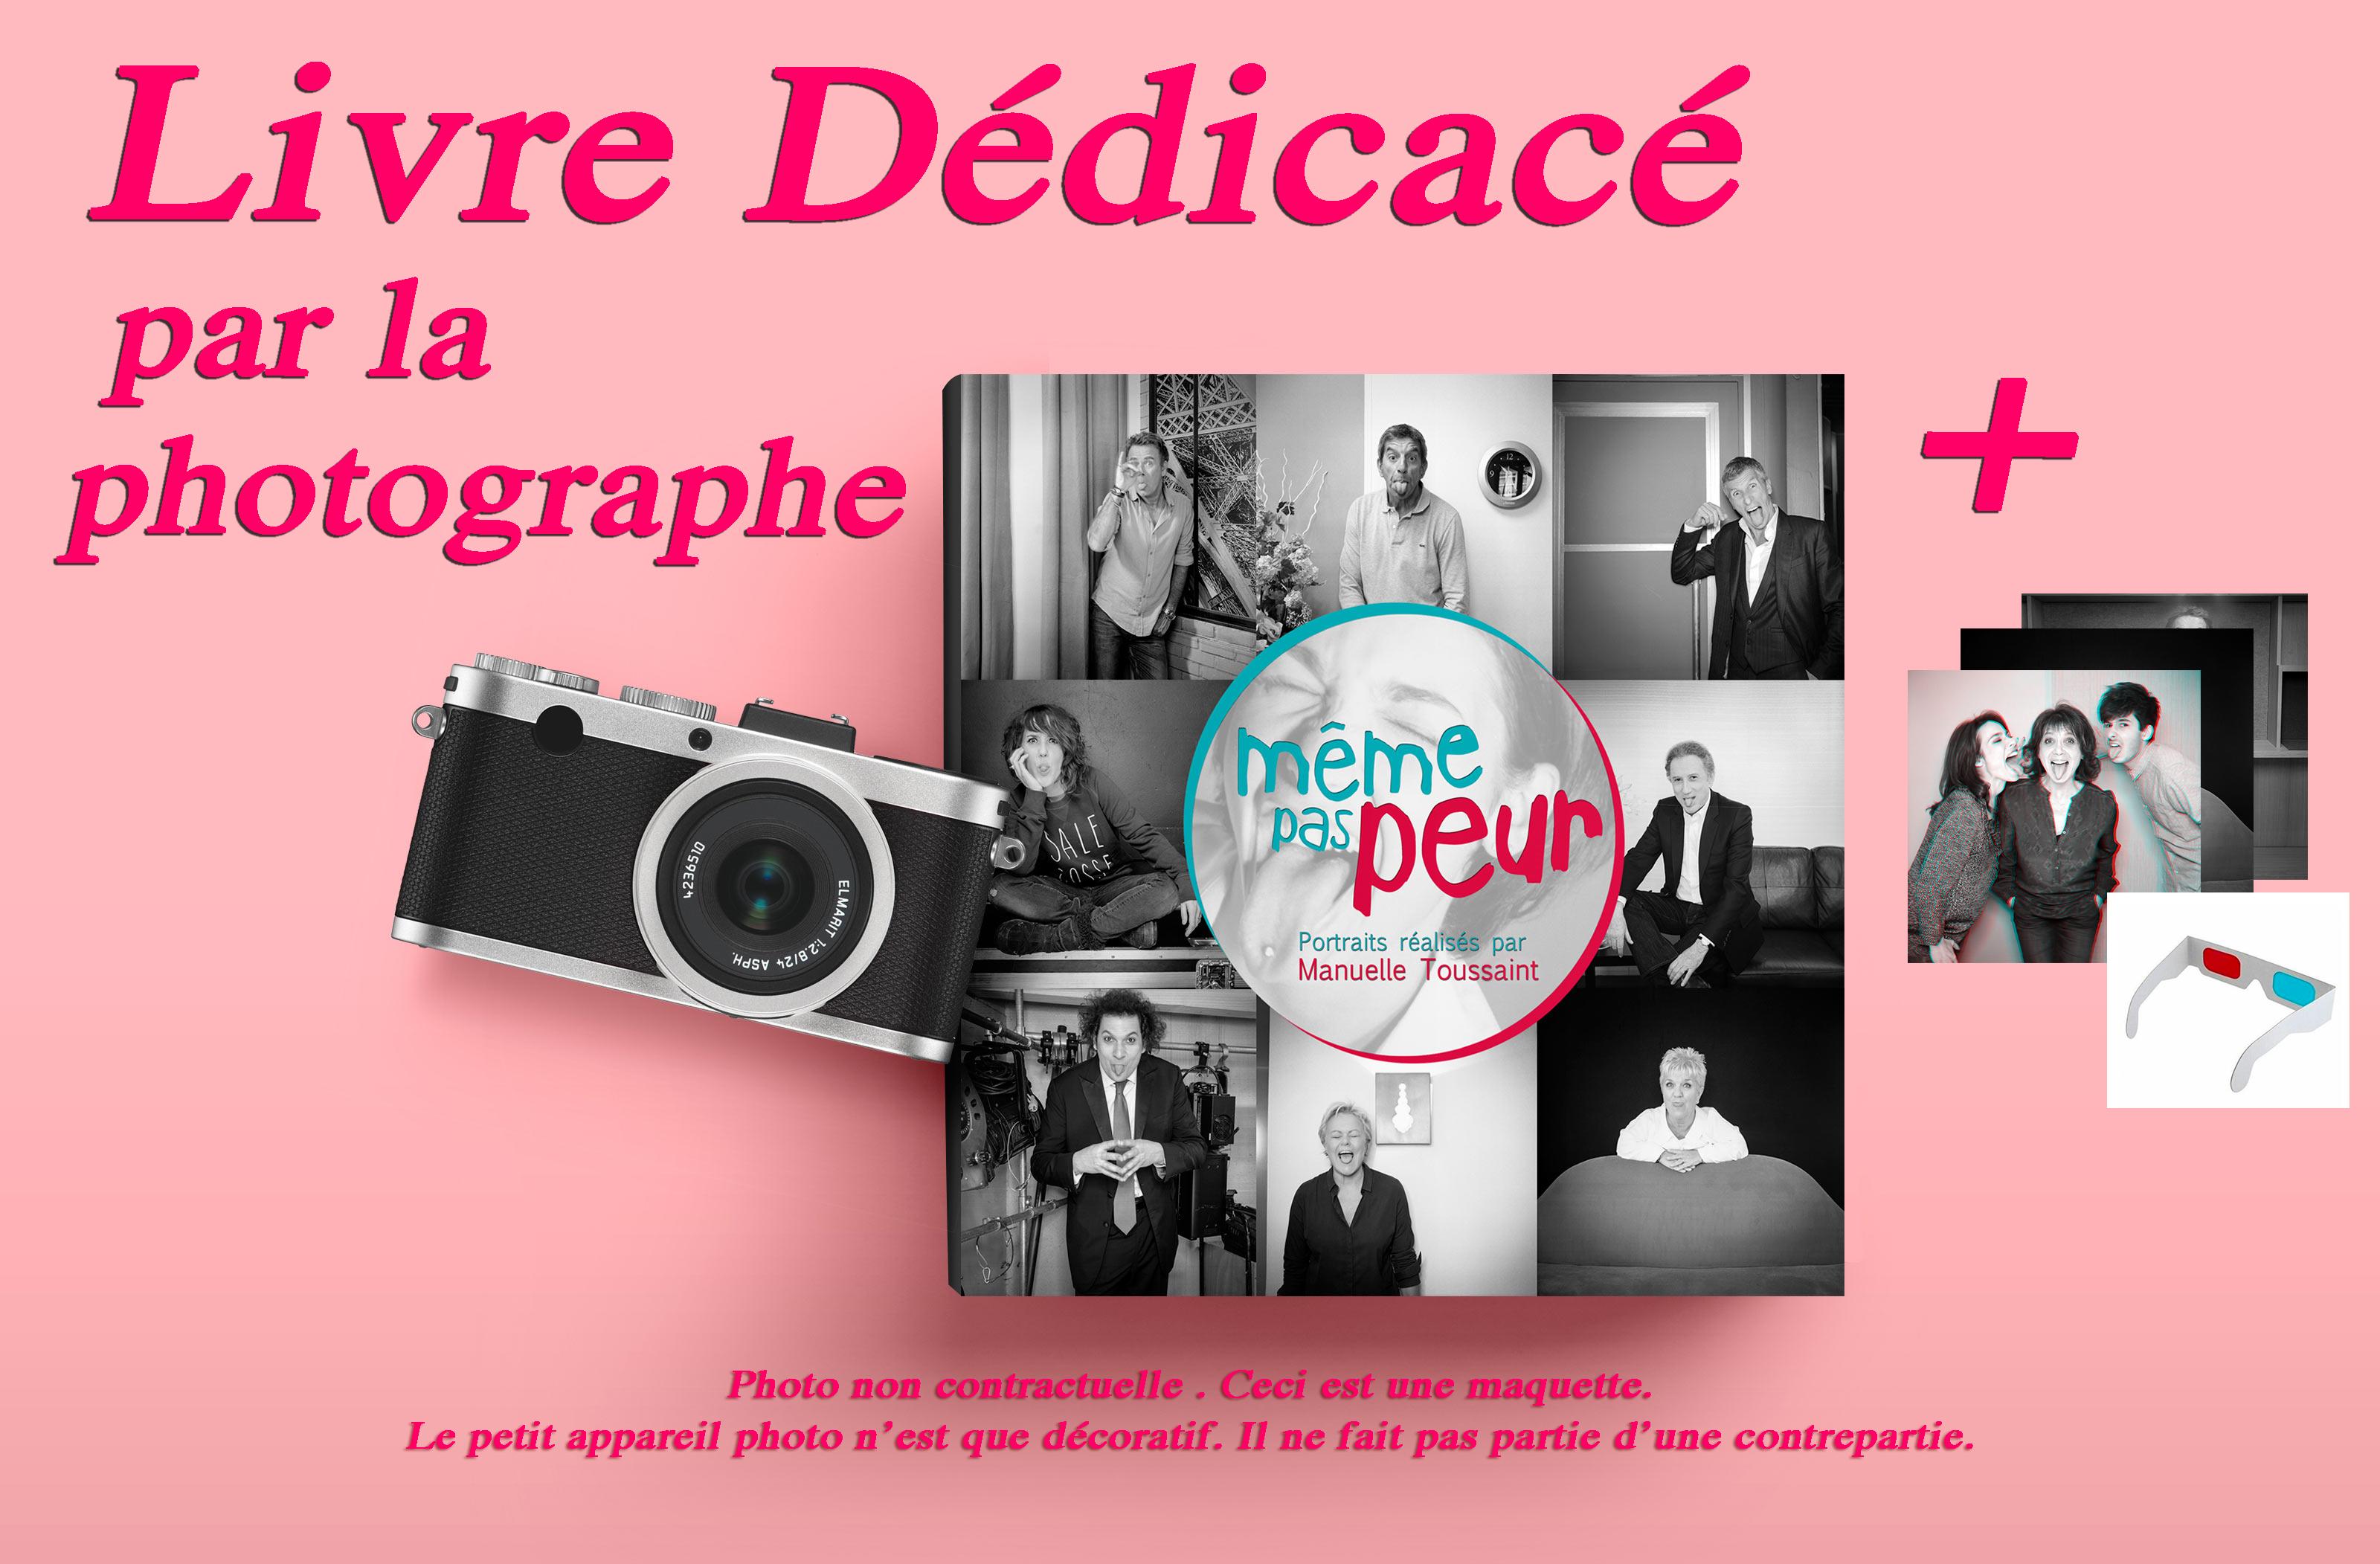 meme_pas_peur_livre_Dedicace__Cartes_stereo-1497093365.jpg